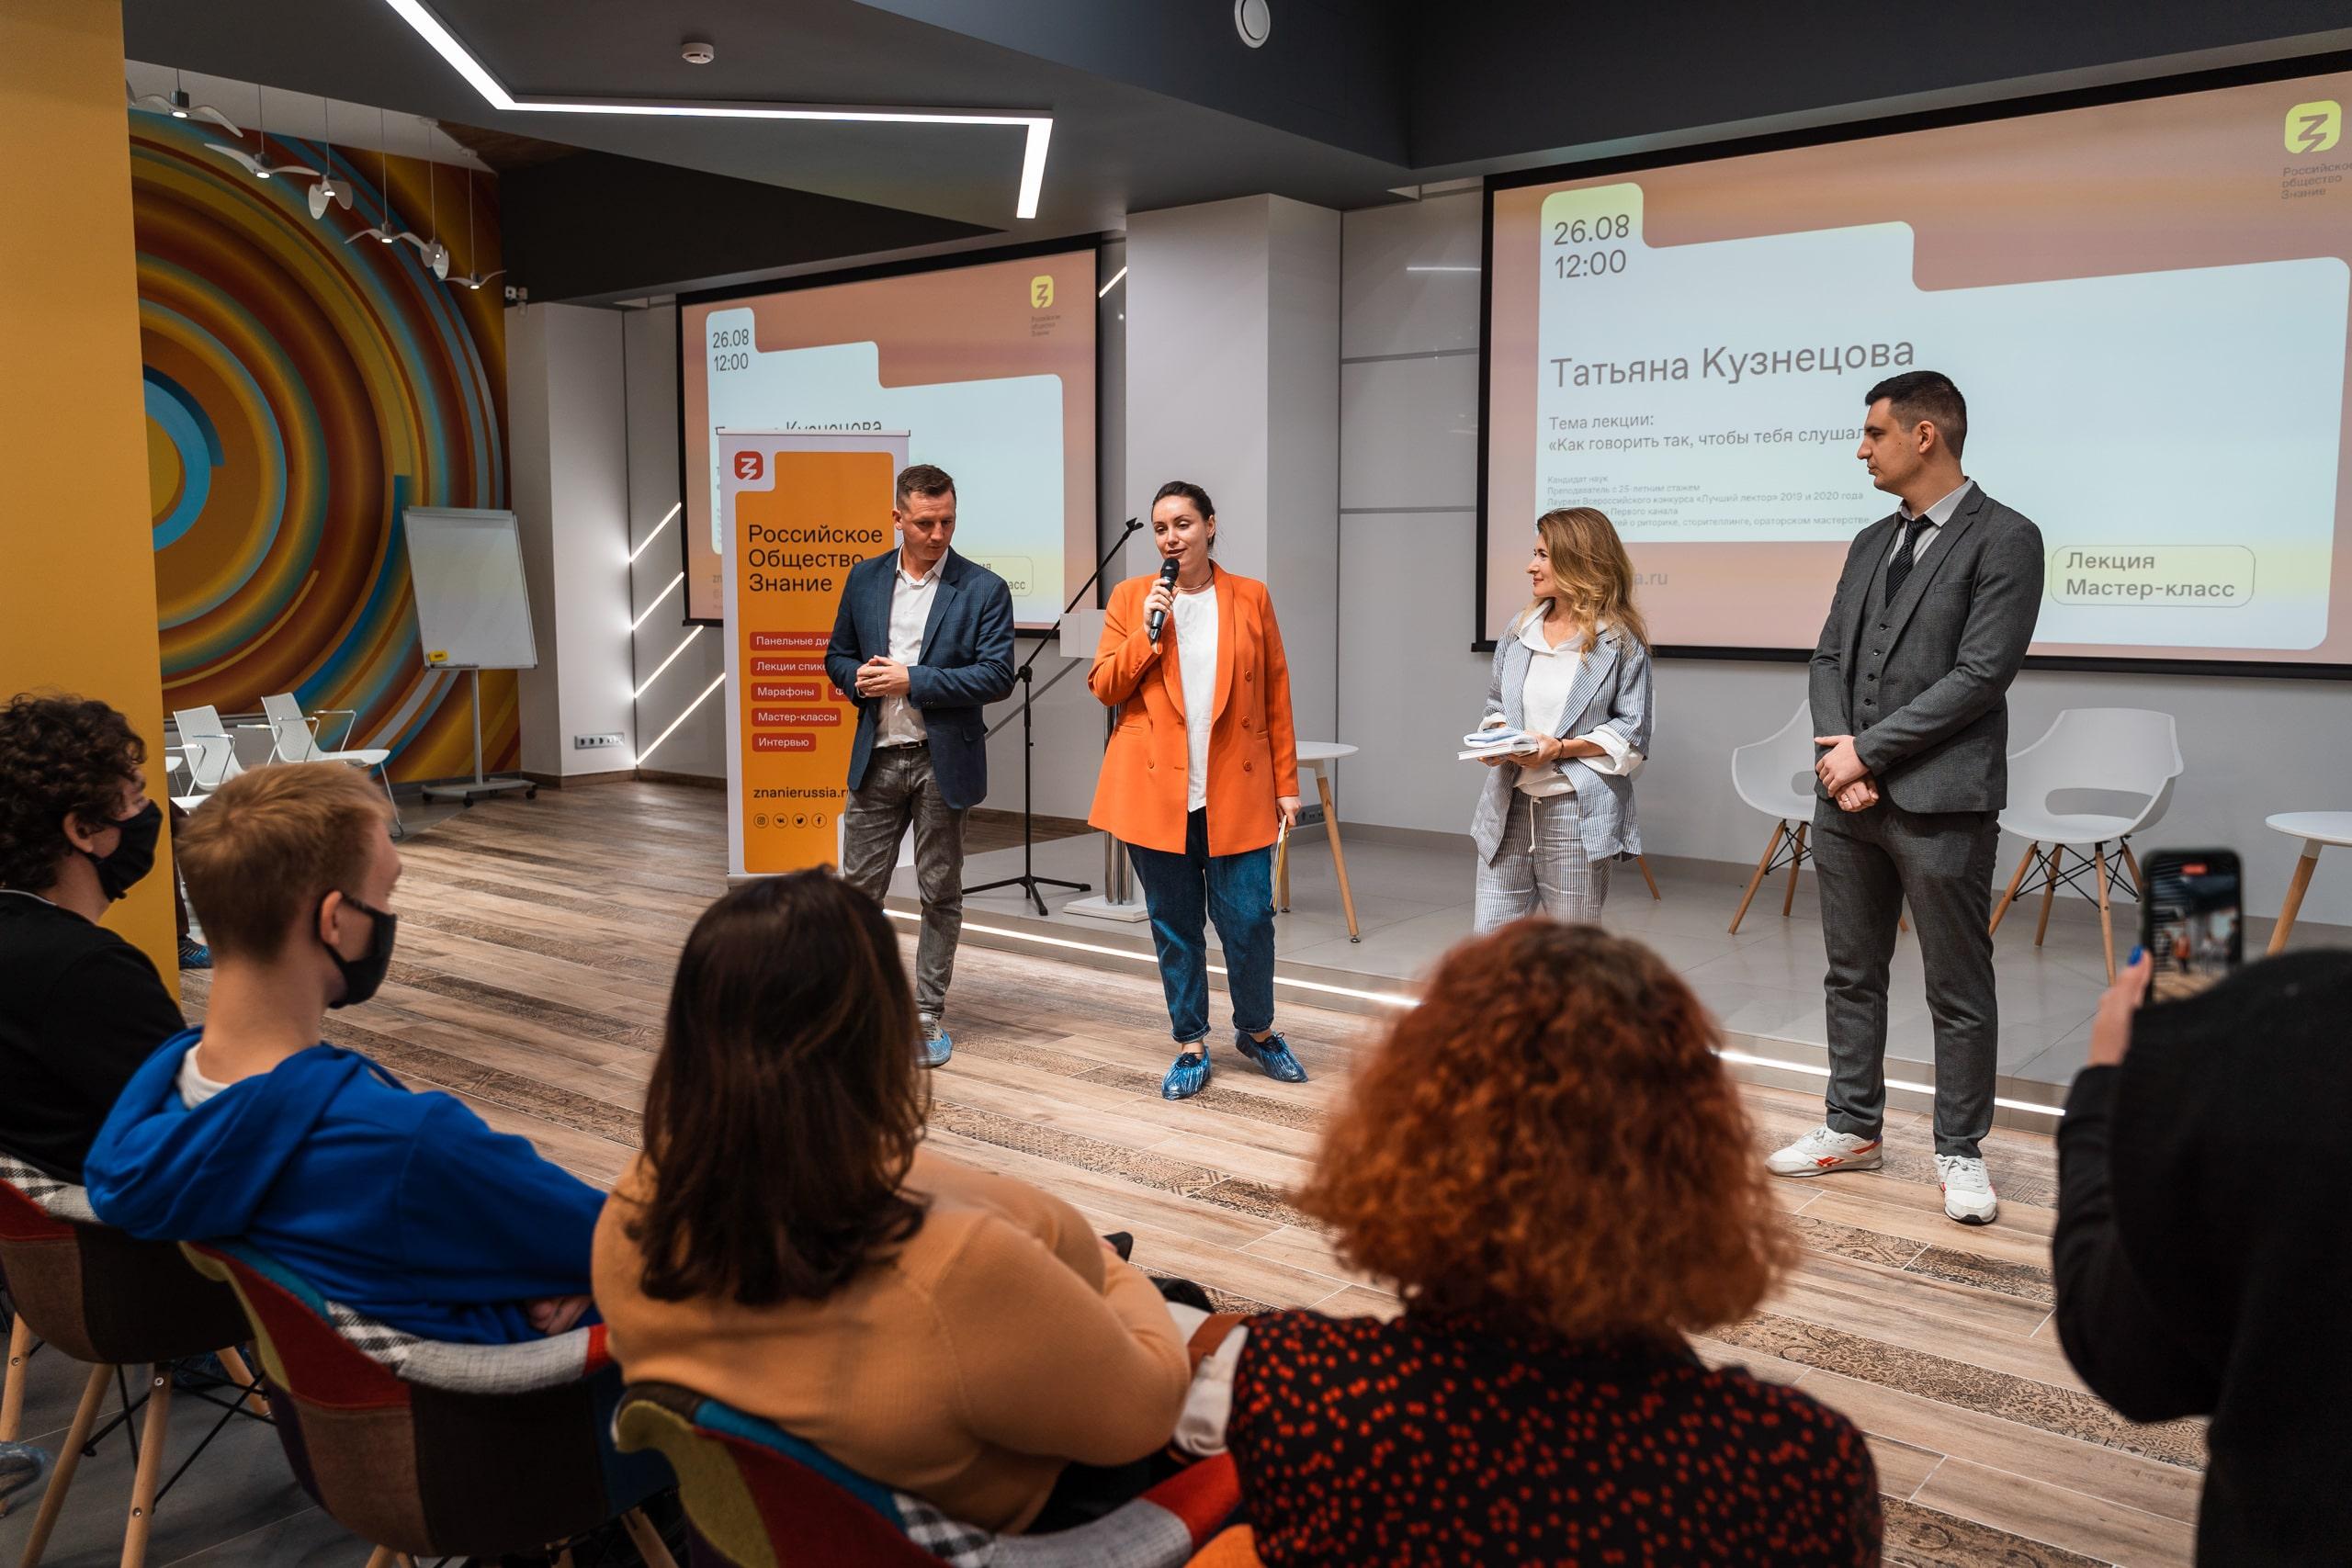 Российское общество «Знание» проведет в Твери мероприятия по развитию навыков Softskills